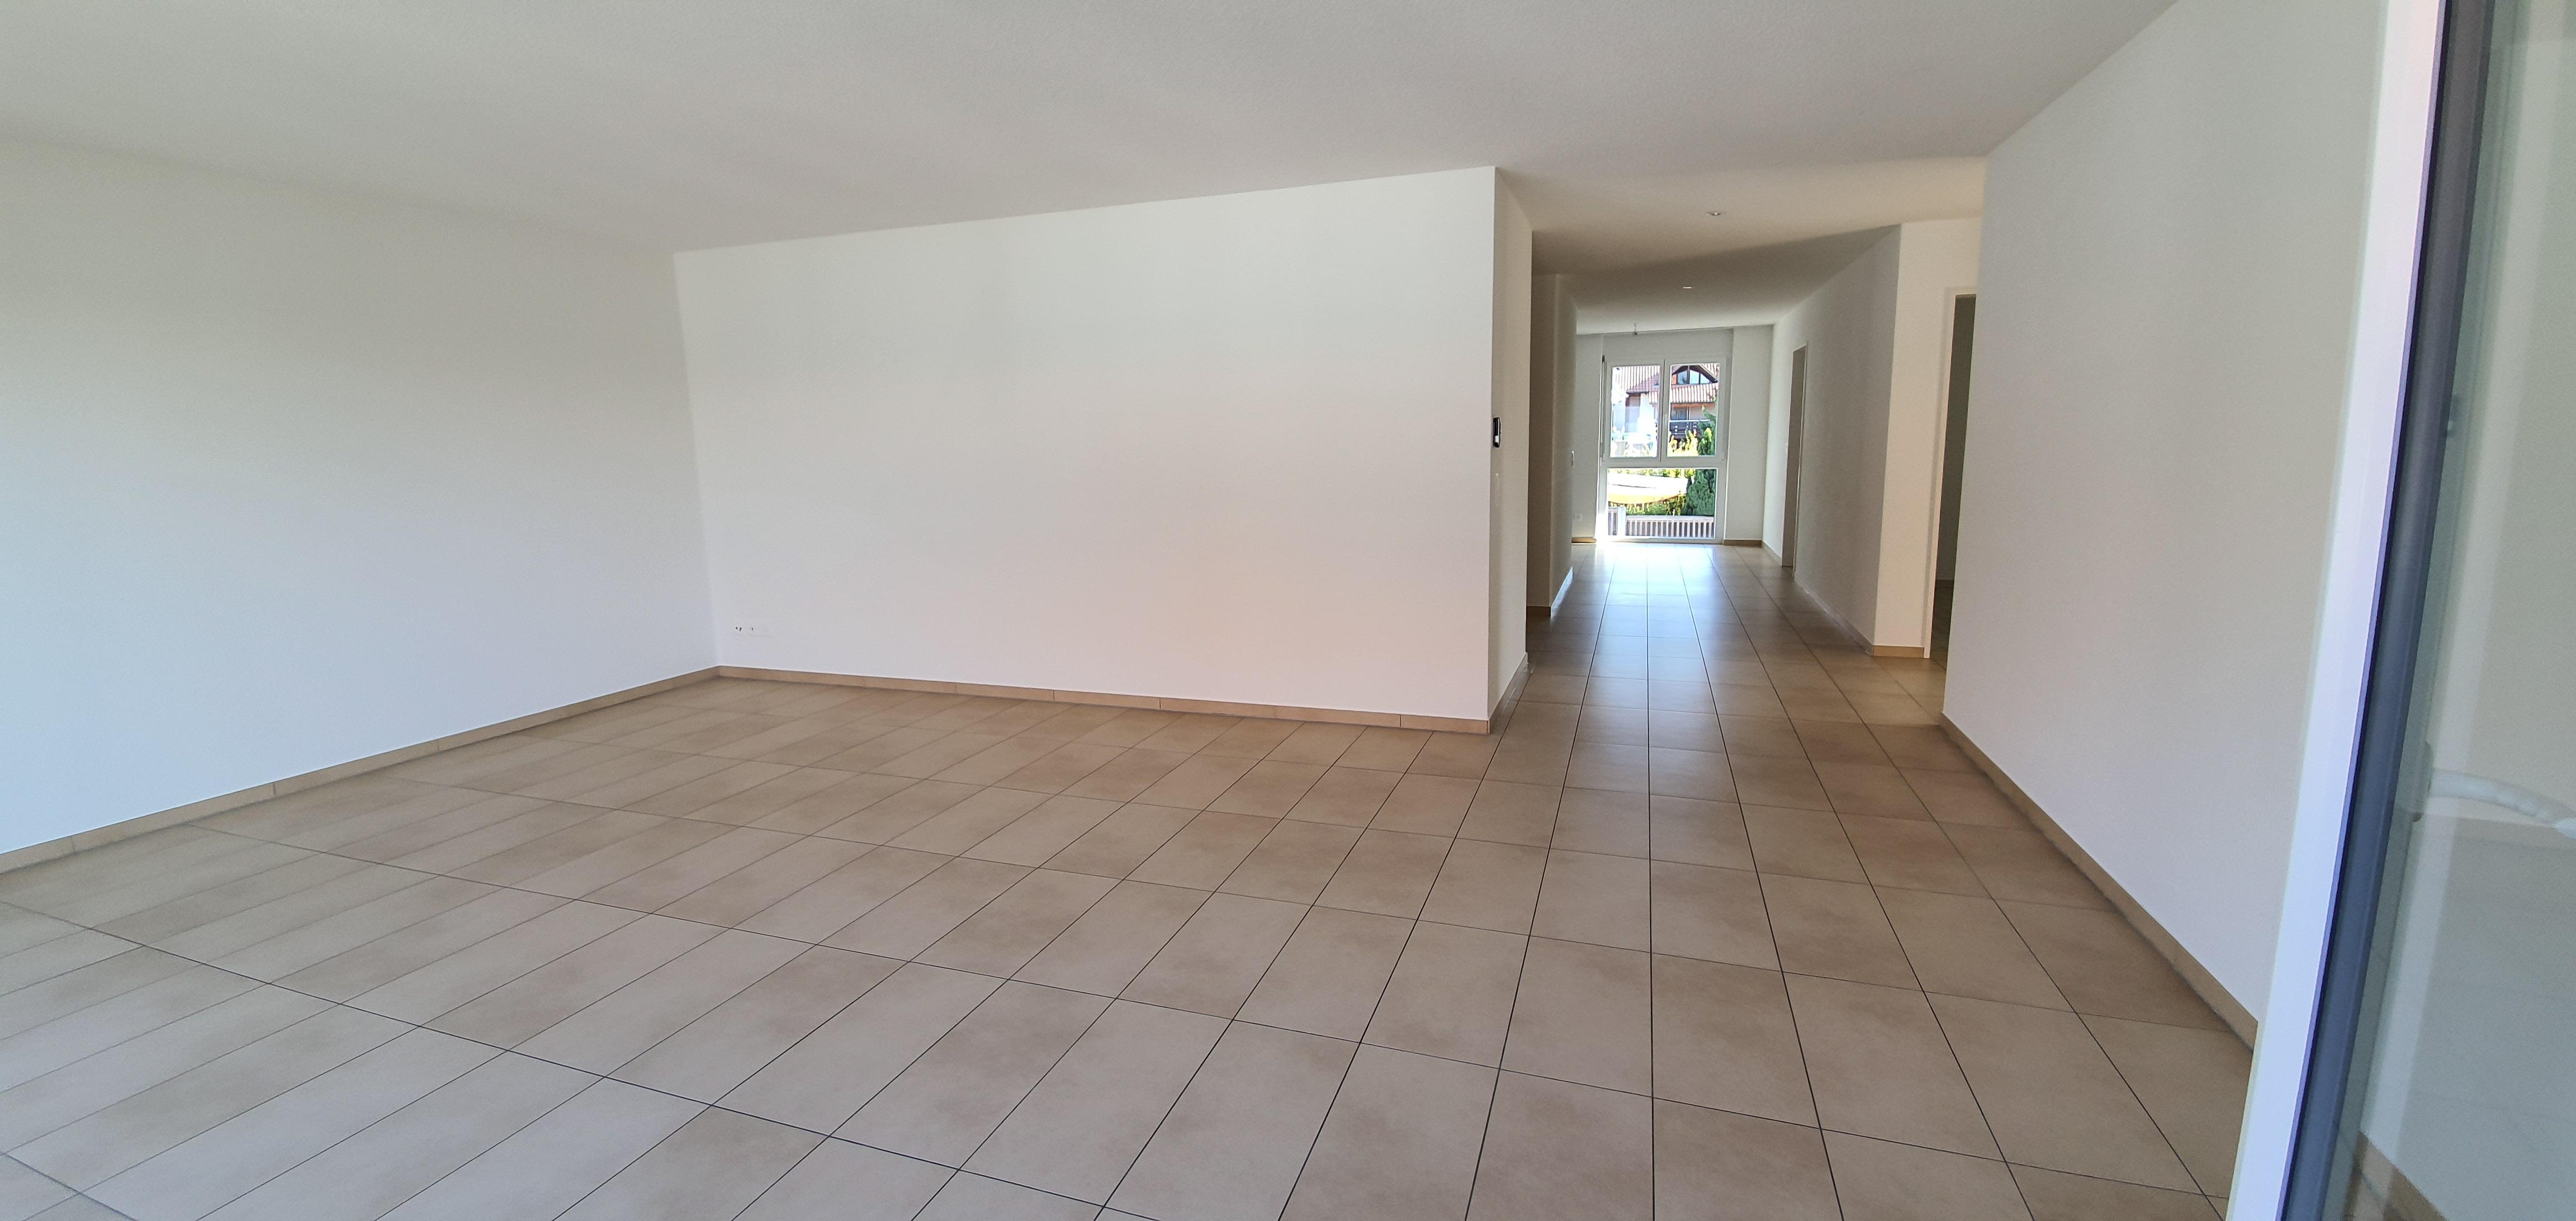 Vermietung: Wohnung mit tollem Preisleistungsverhältnis